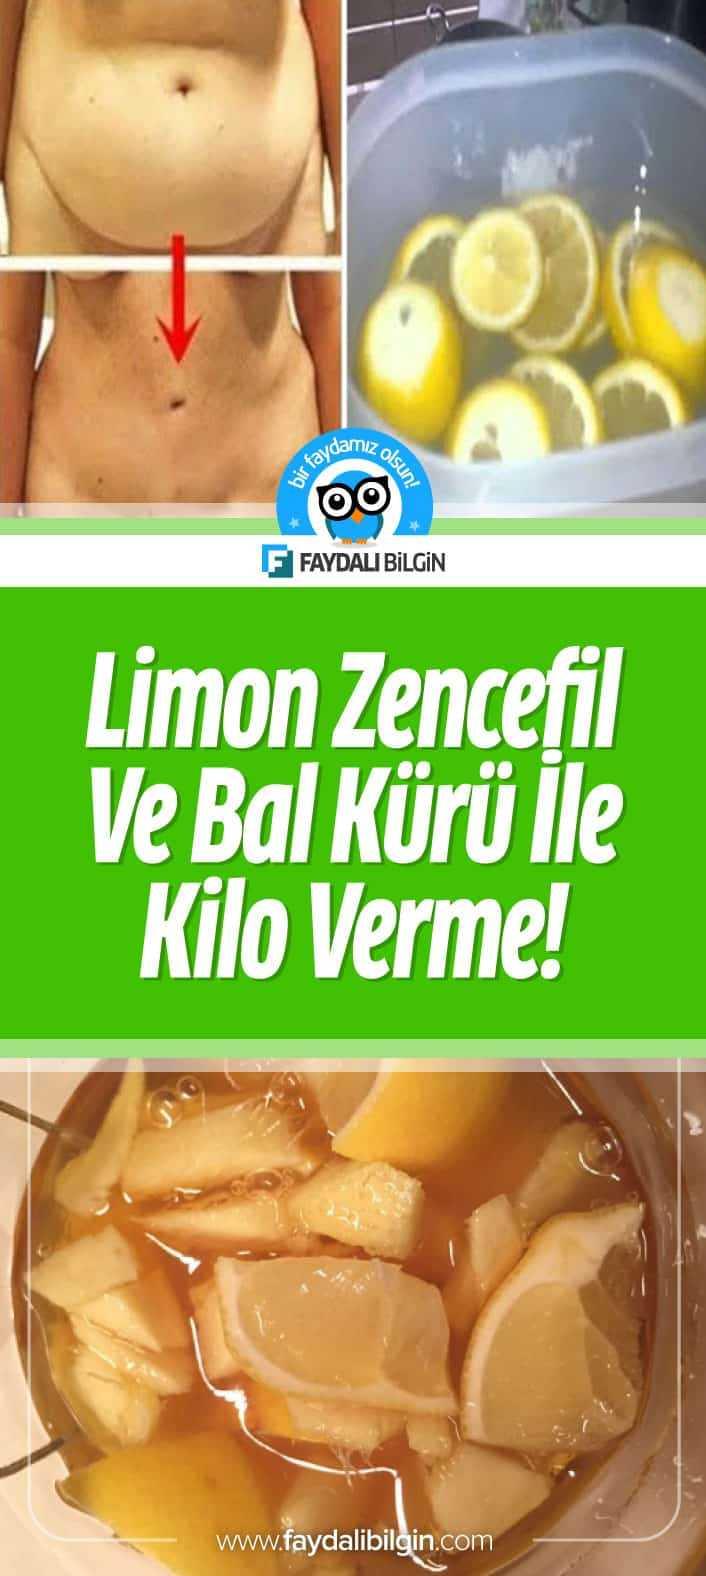 Limon, Zencefil ve Bal Kürü 3 Gün İçin Süper Hızlı Kilo Verin Göbek Yağlarınızdan Kurtulun. #limoz #zencefil #bal #kür #kilovermek #zayıflama #hızlıkiloverme #gökyağları #göbekeritme #sağlık #diyet